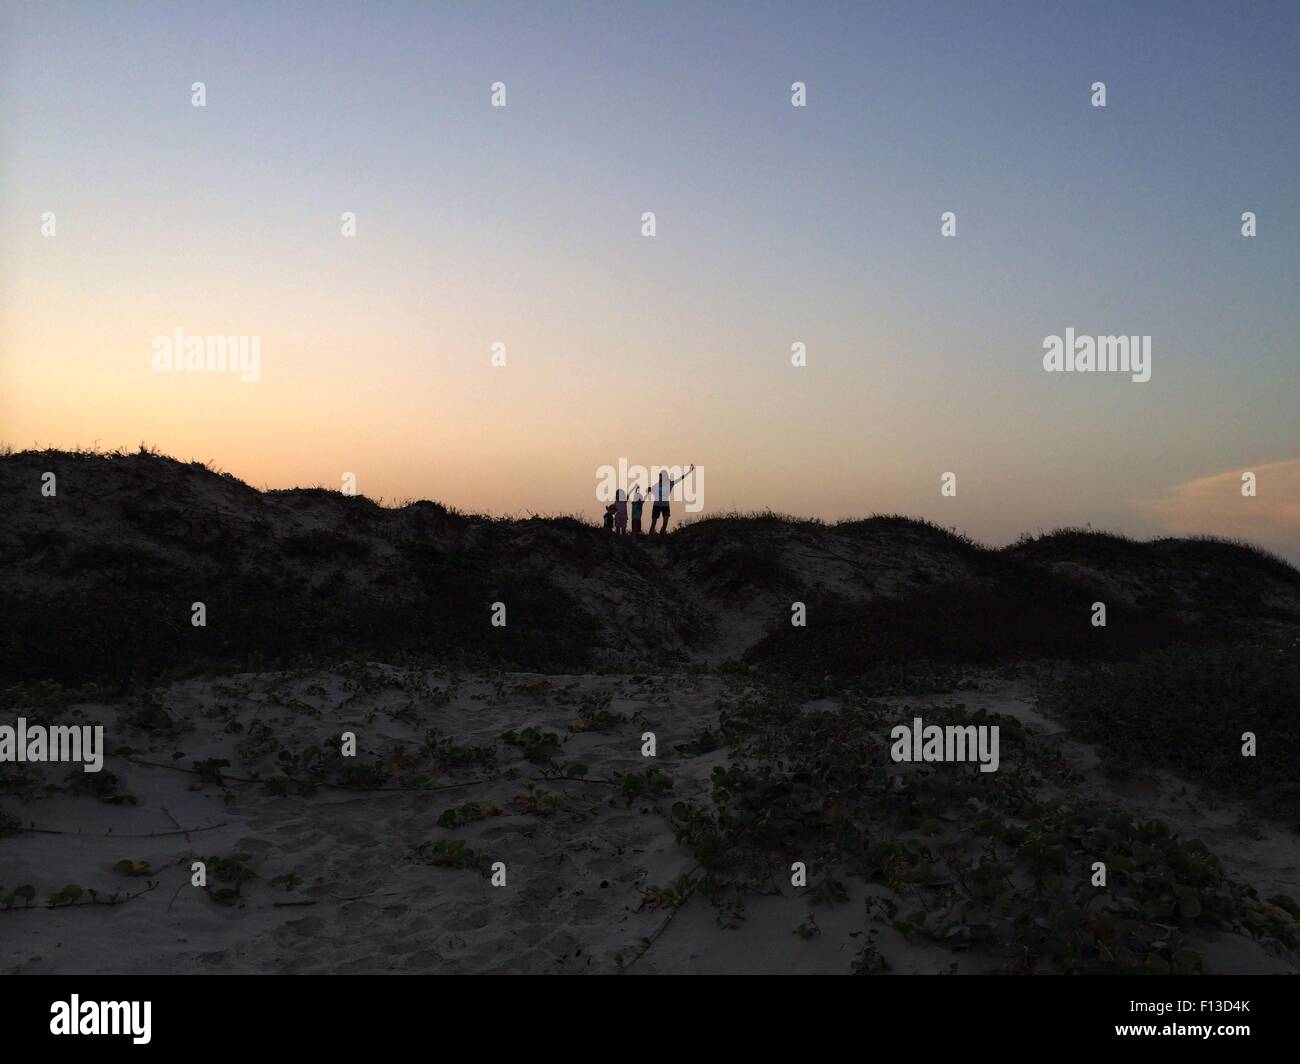 Silueta de cuatro personas de pie sobre una duna de arena Imagen De Stock